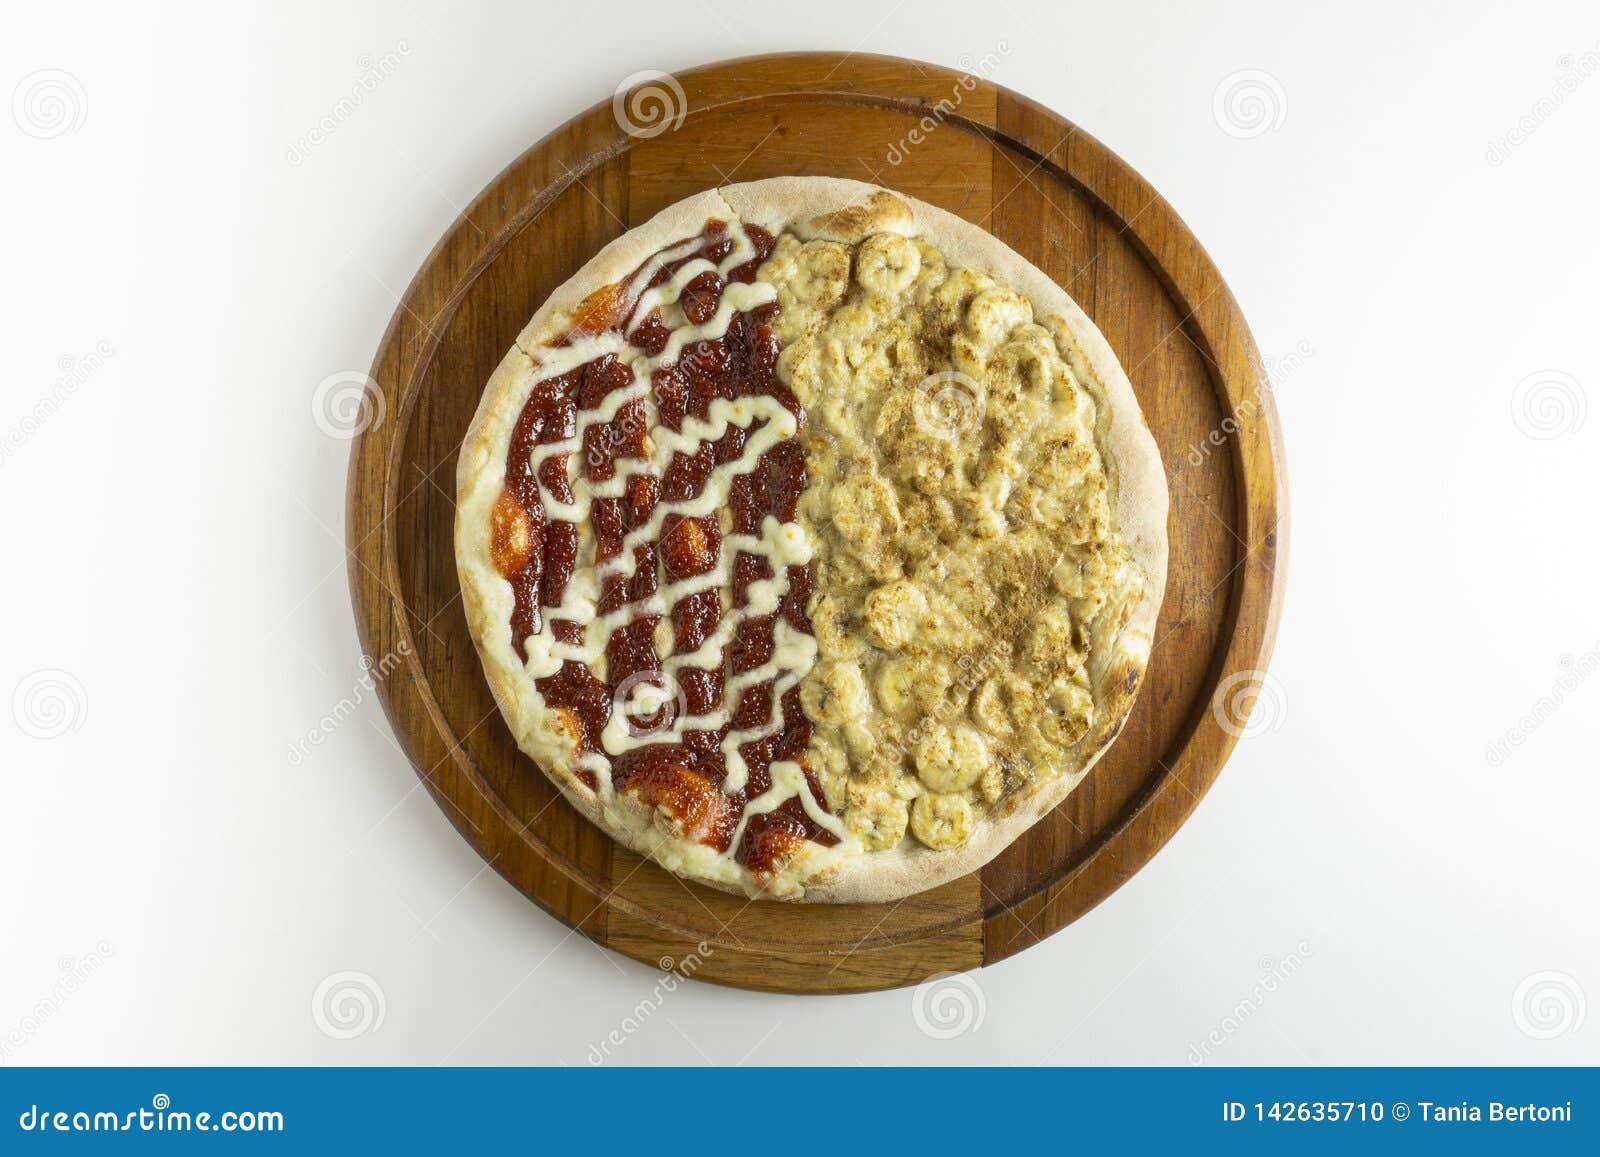 Pizza doce da banana e da goiaba no fundo branco